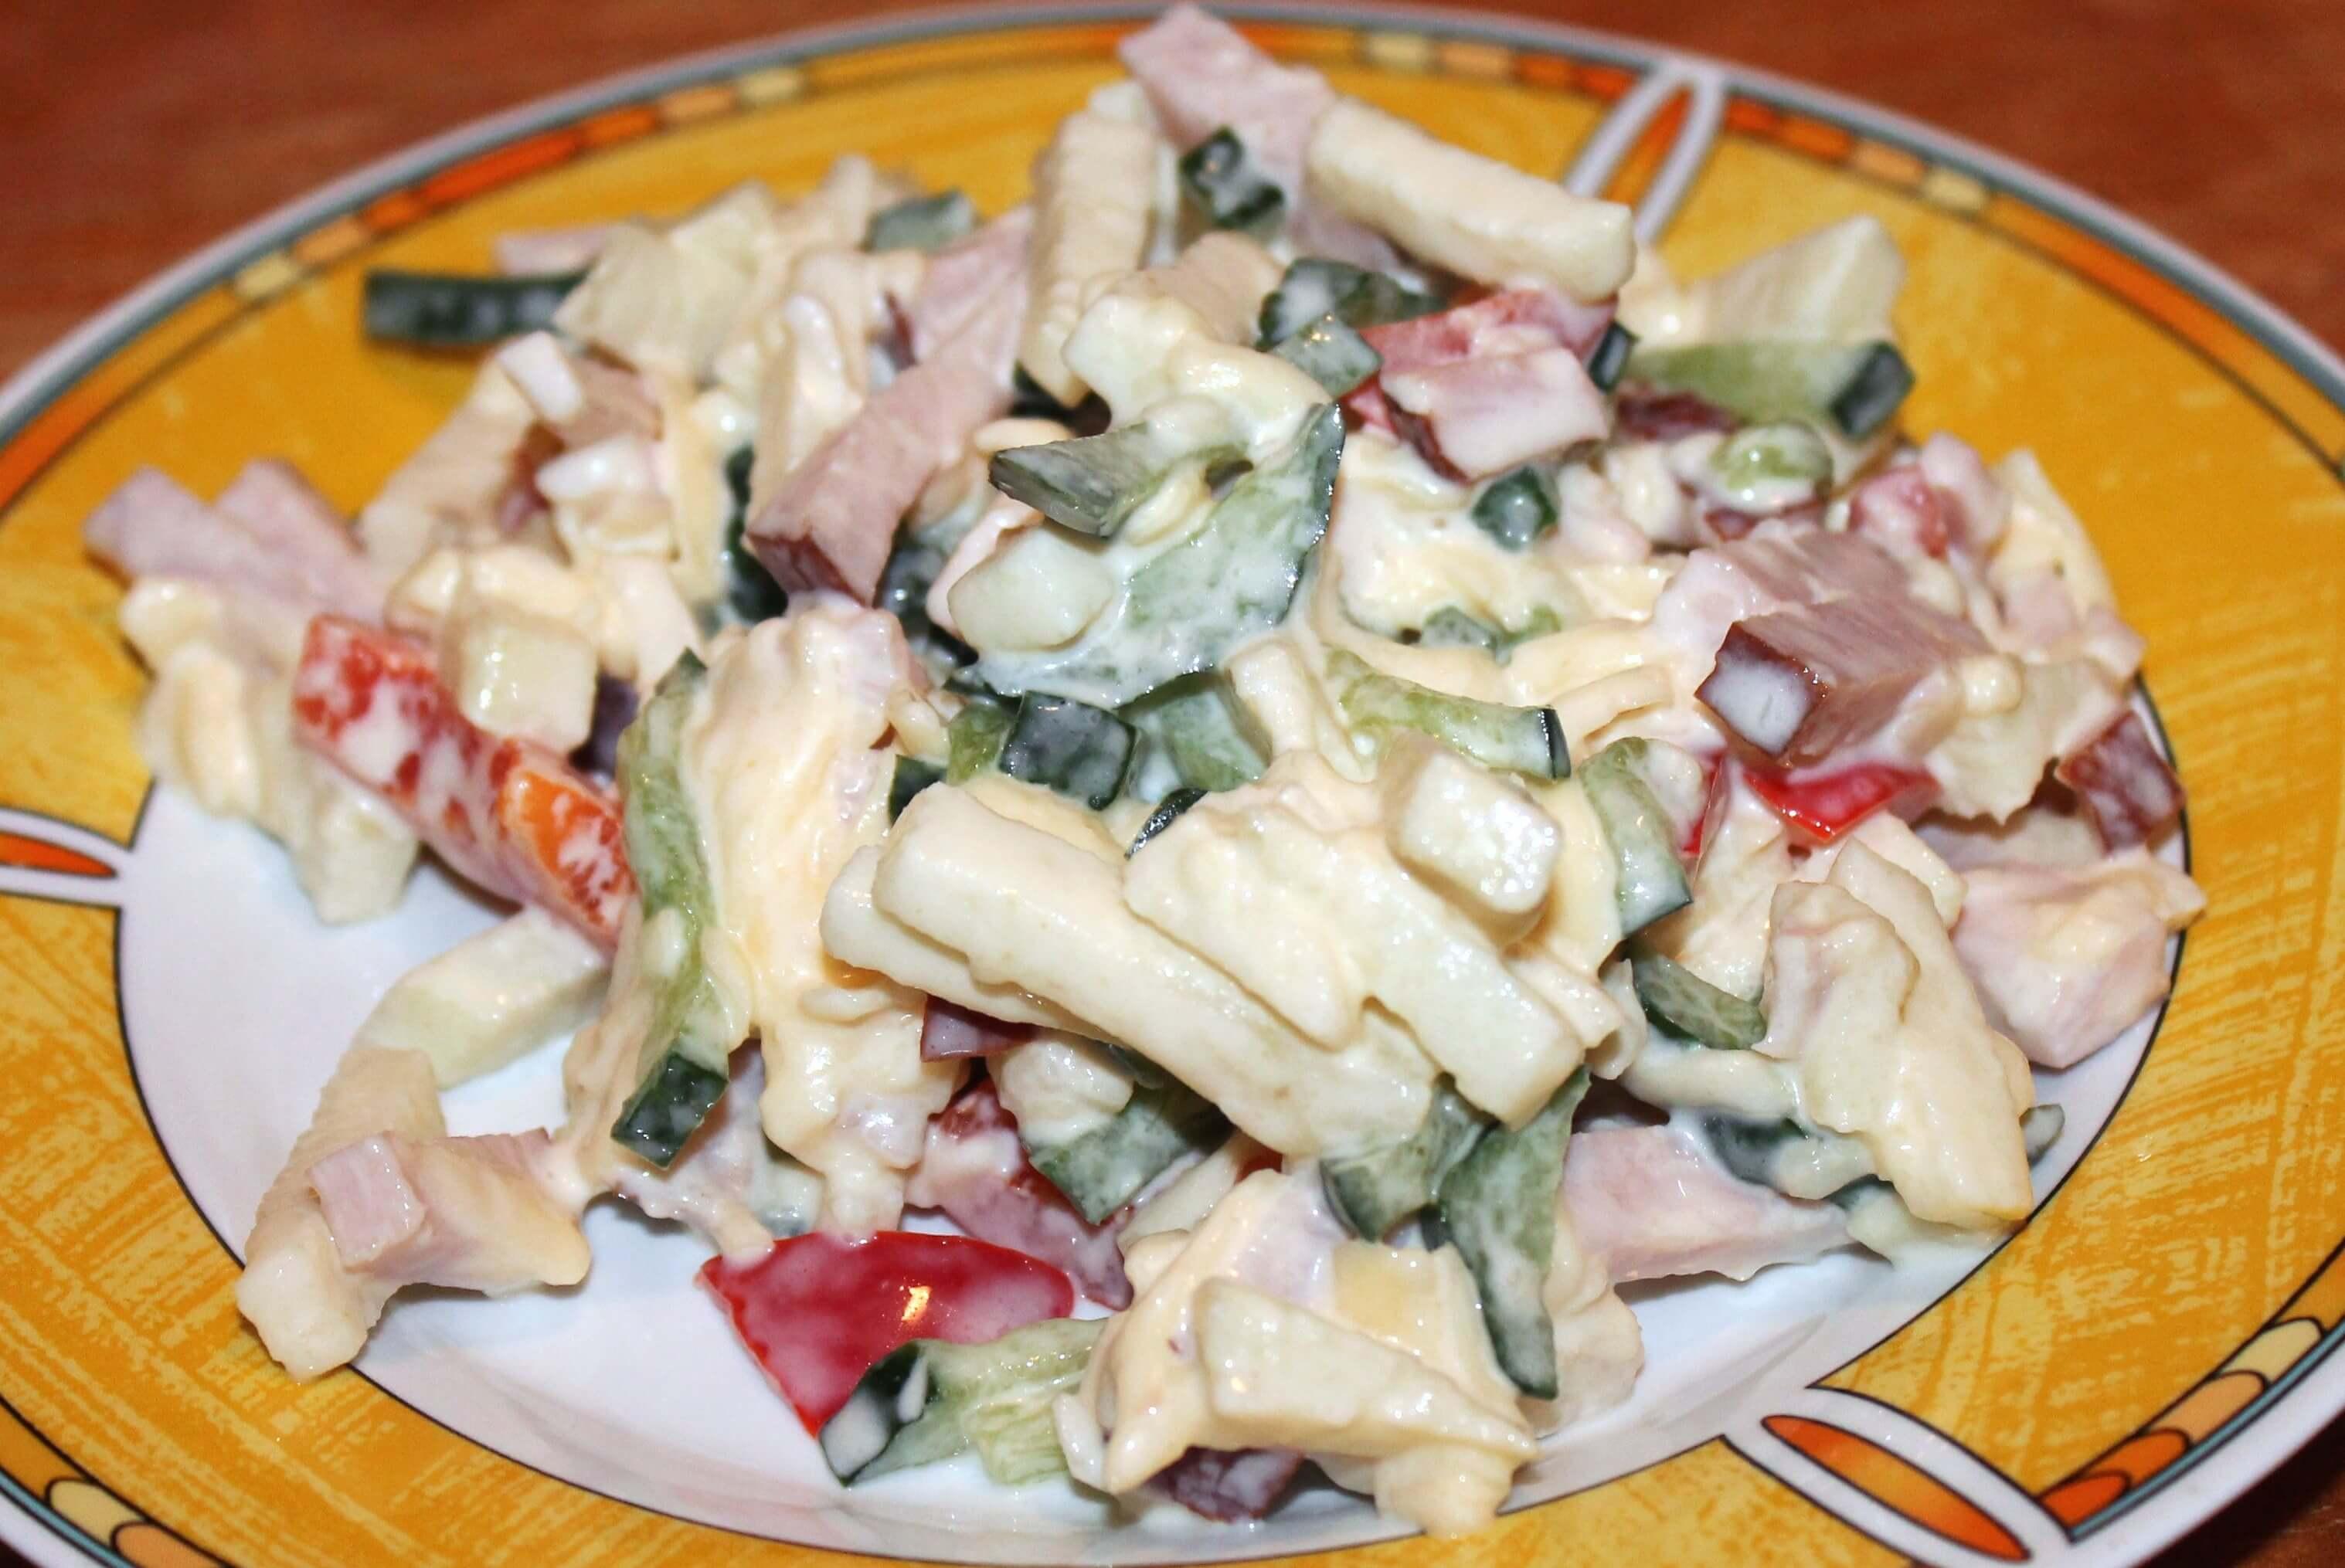 простое рецепты салатов,где присутствуют майонез и сыр